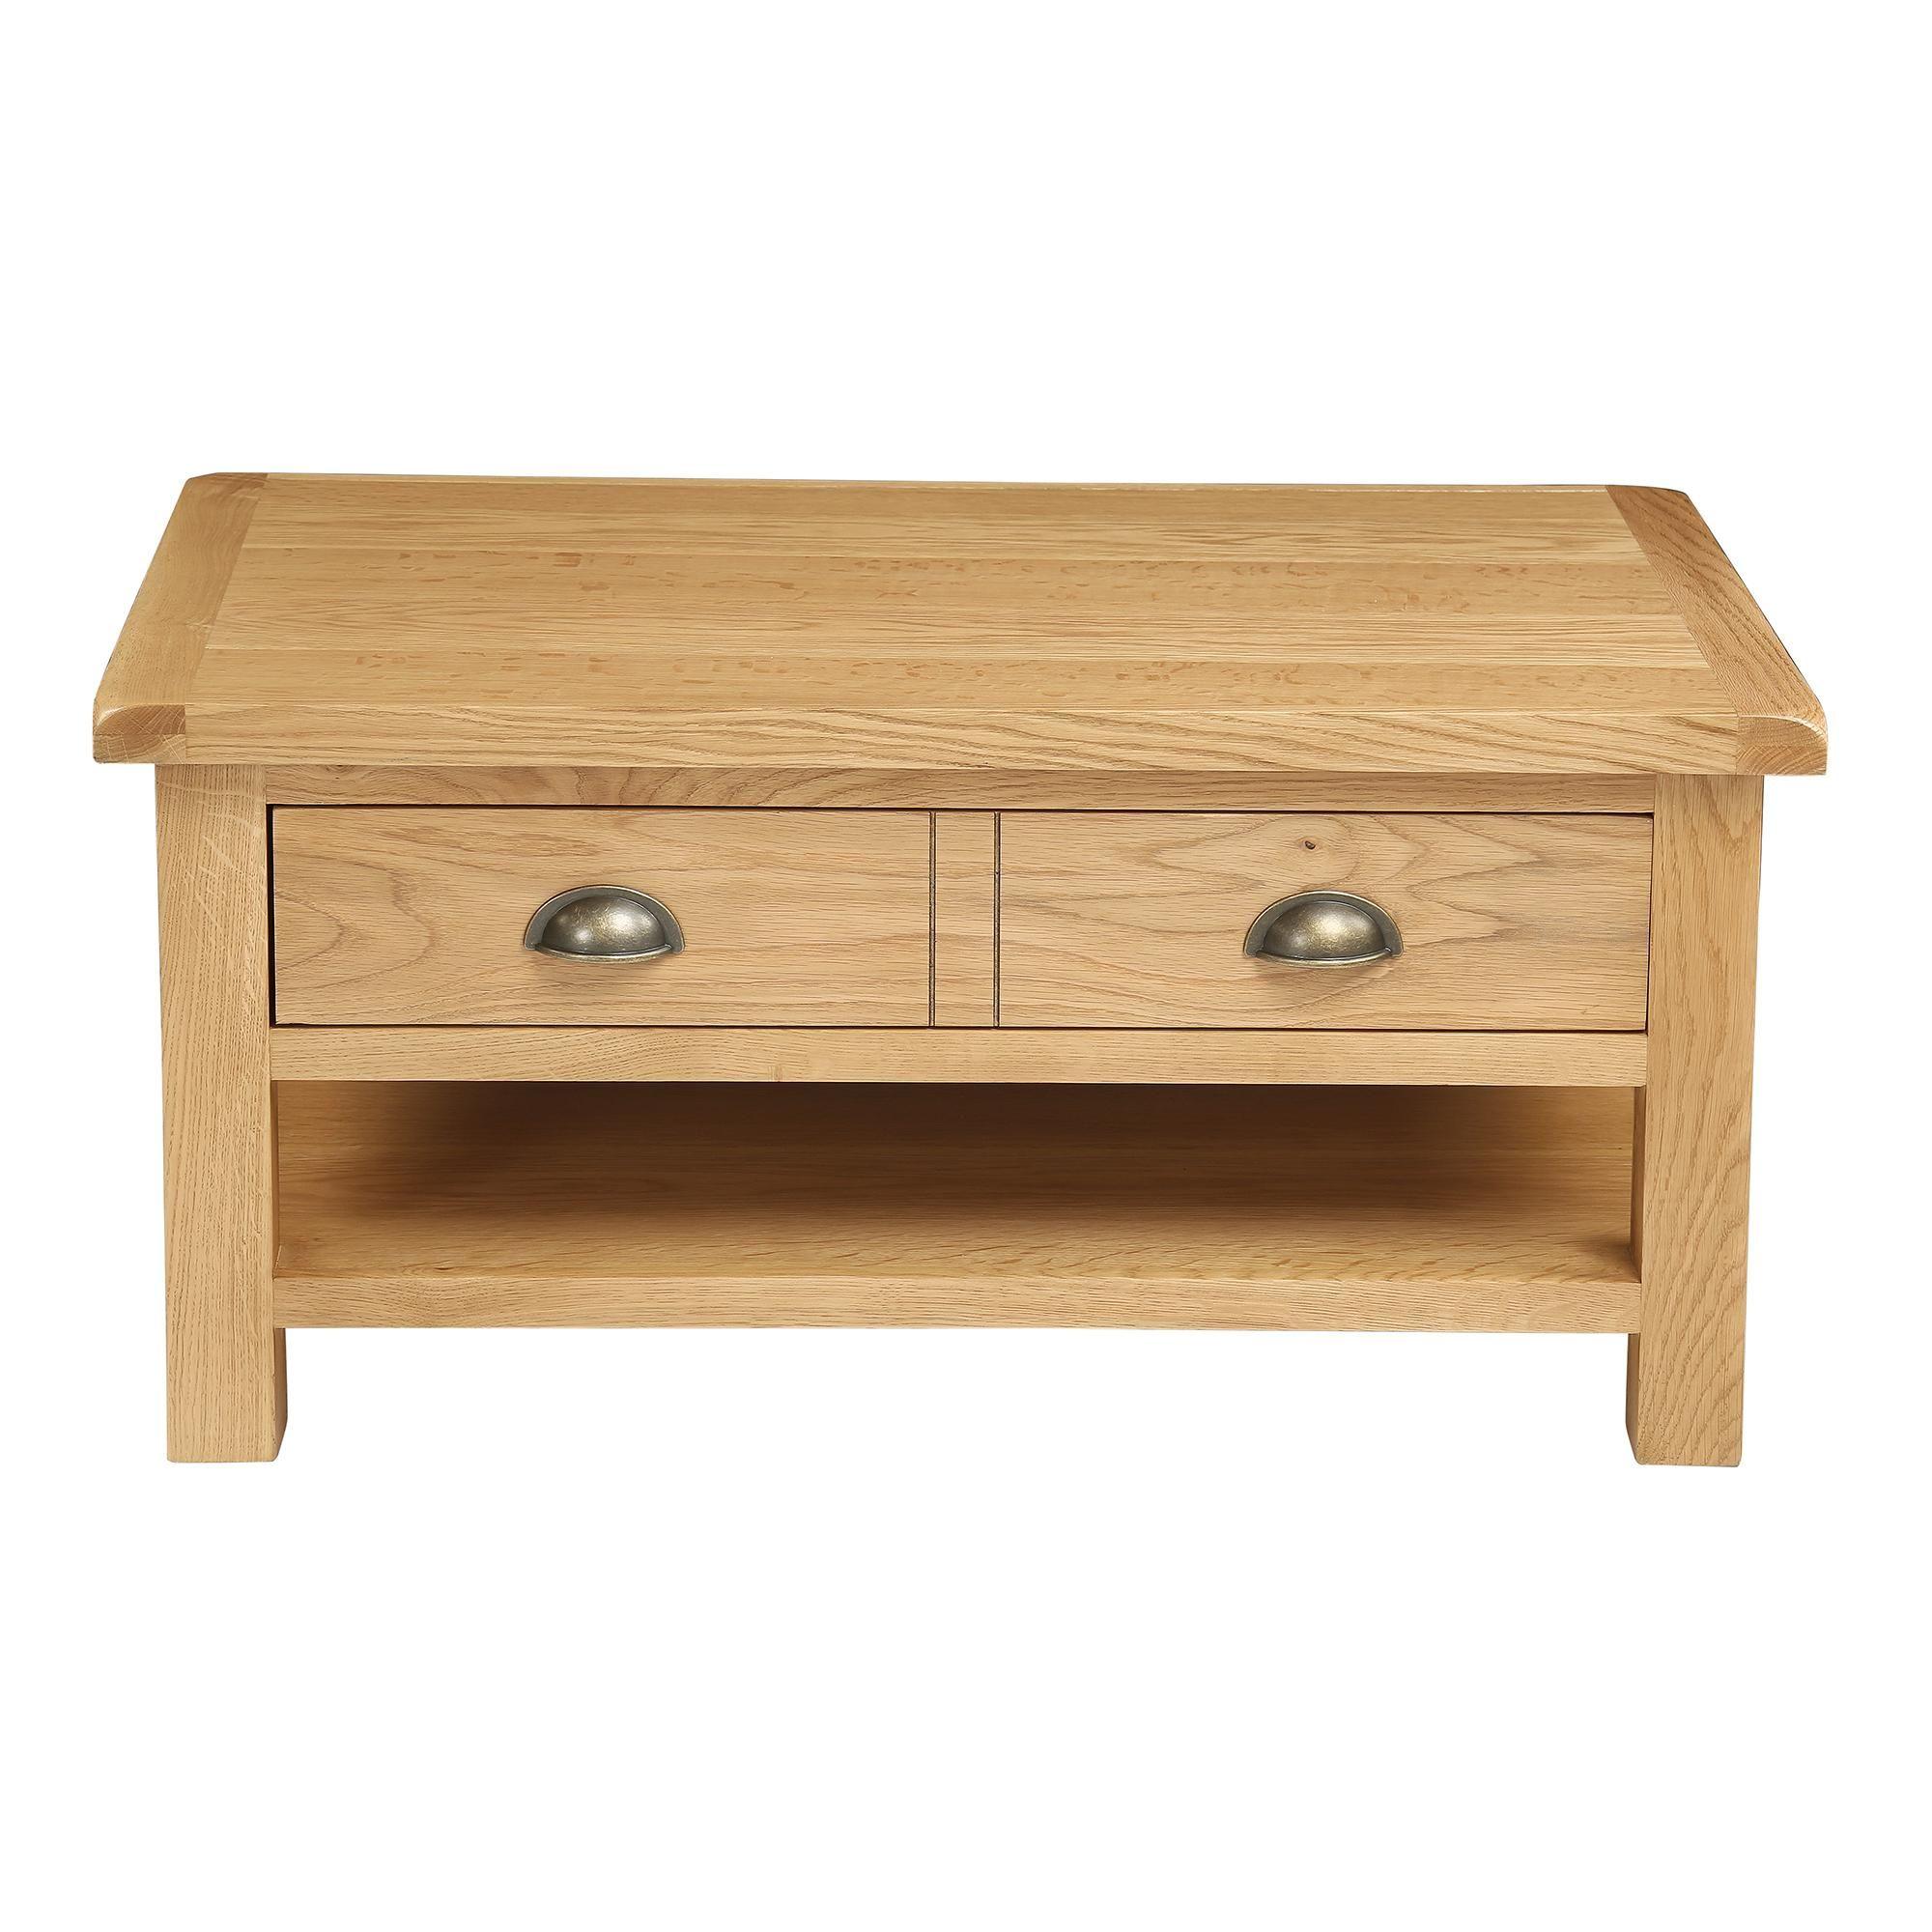 Simple Steps To Pick Oak Coffee Table Oak Coffee Table Coffee Table With Storage Coffee Table [ 2000 x 2000 Pixel ]